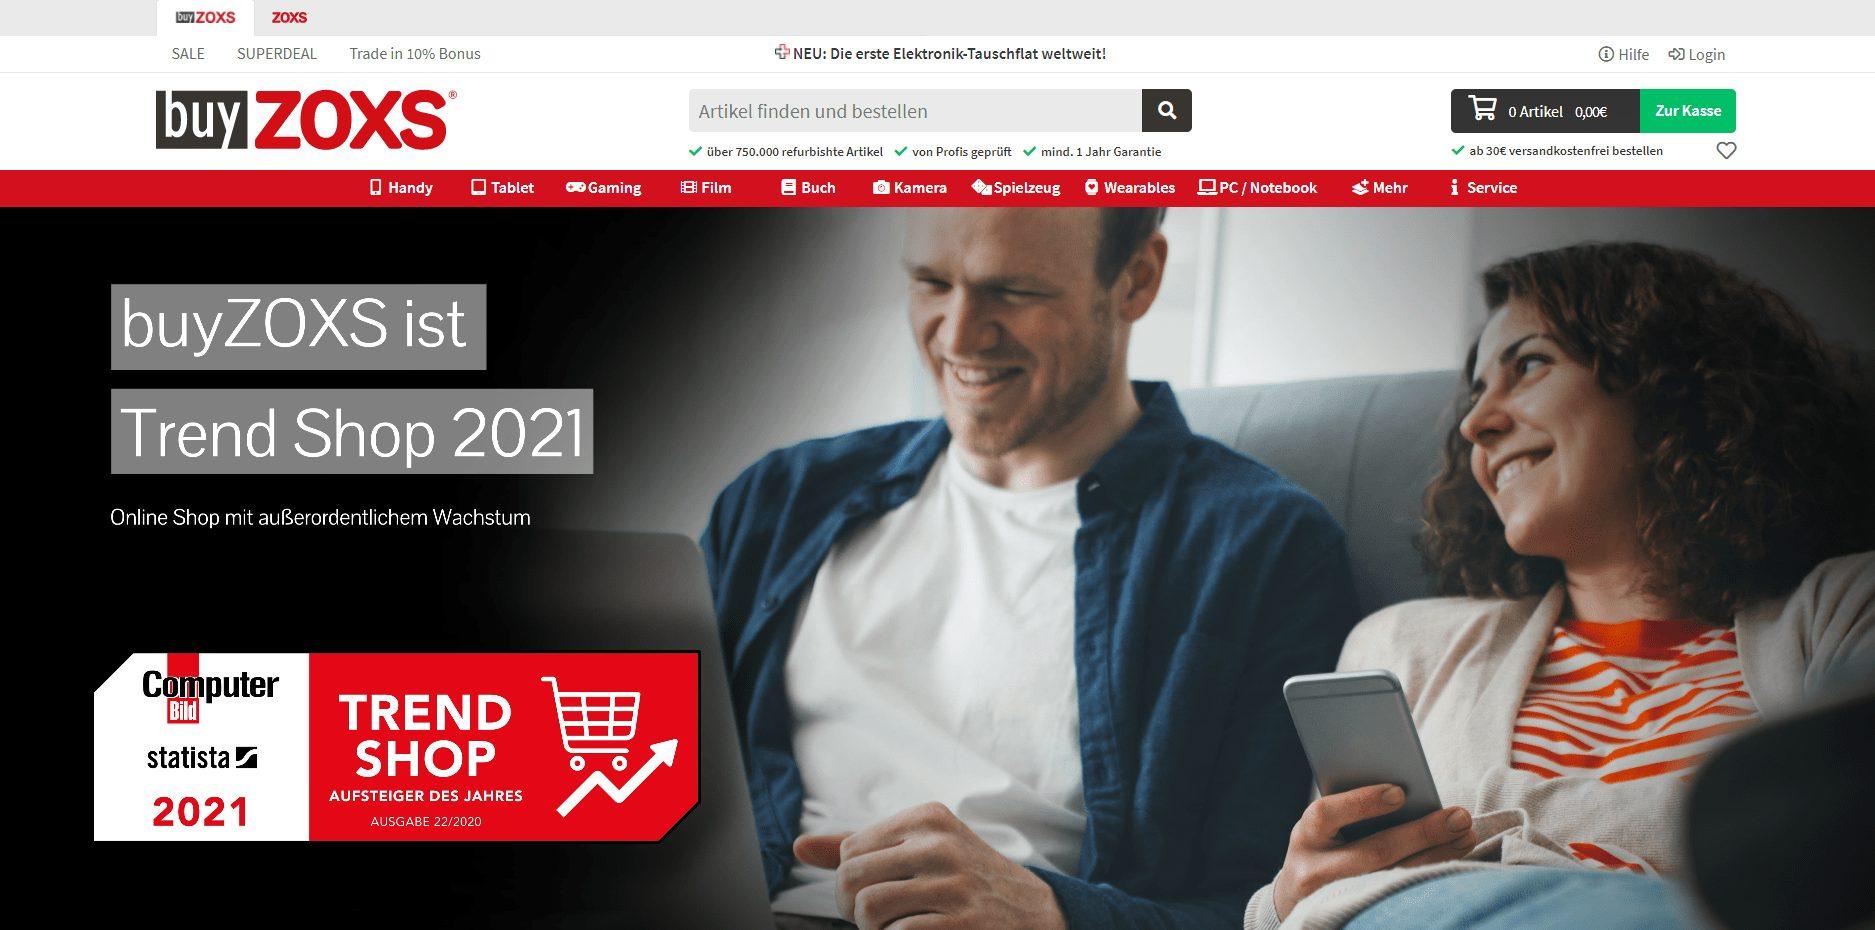 Die Startseite von buyZOXS.de